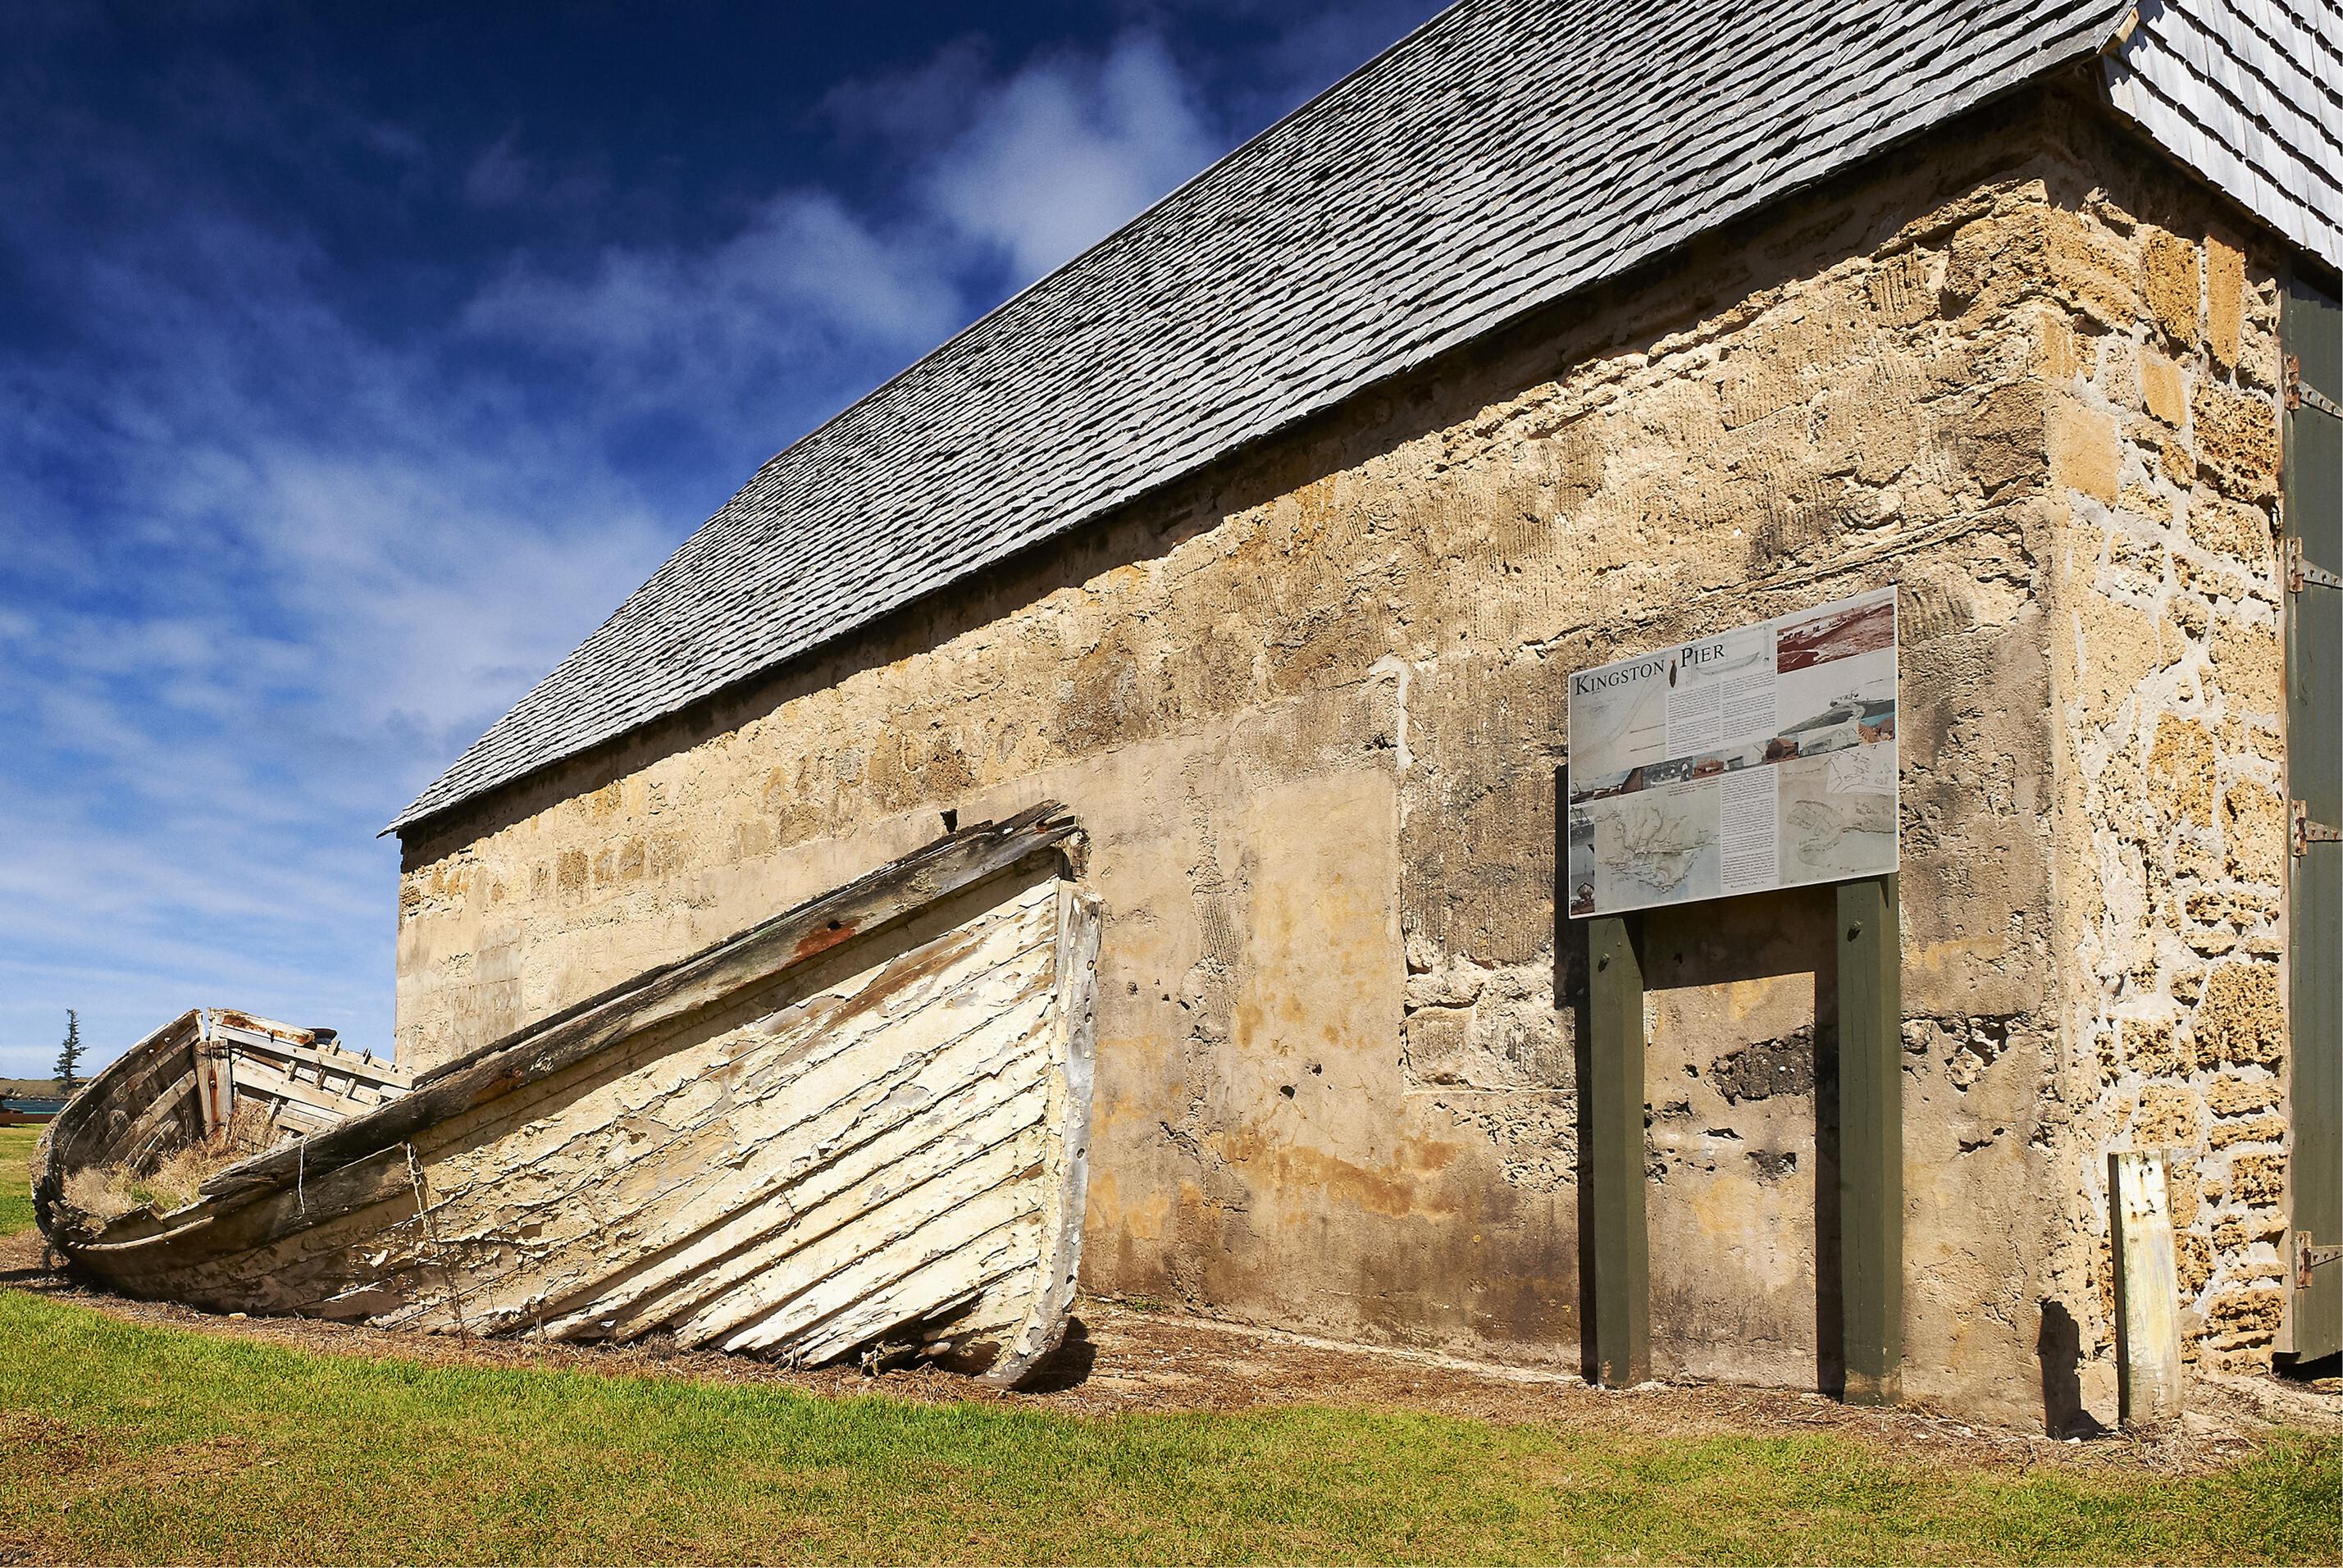 Kingston Convict Ruins